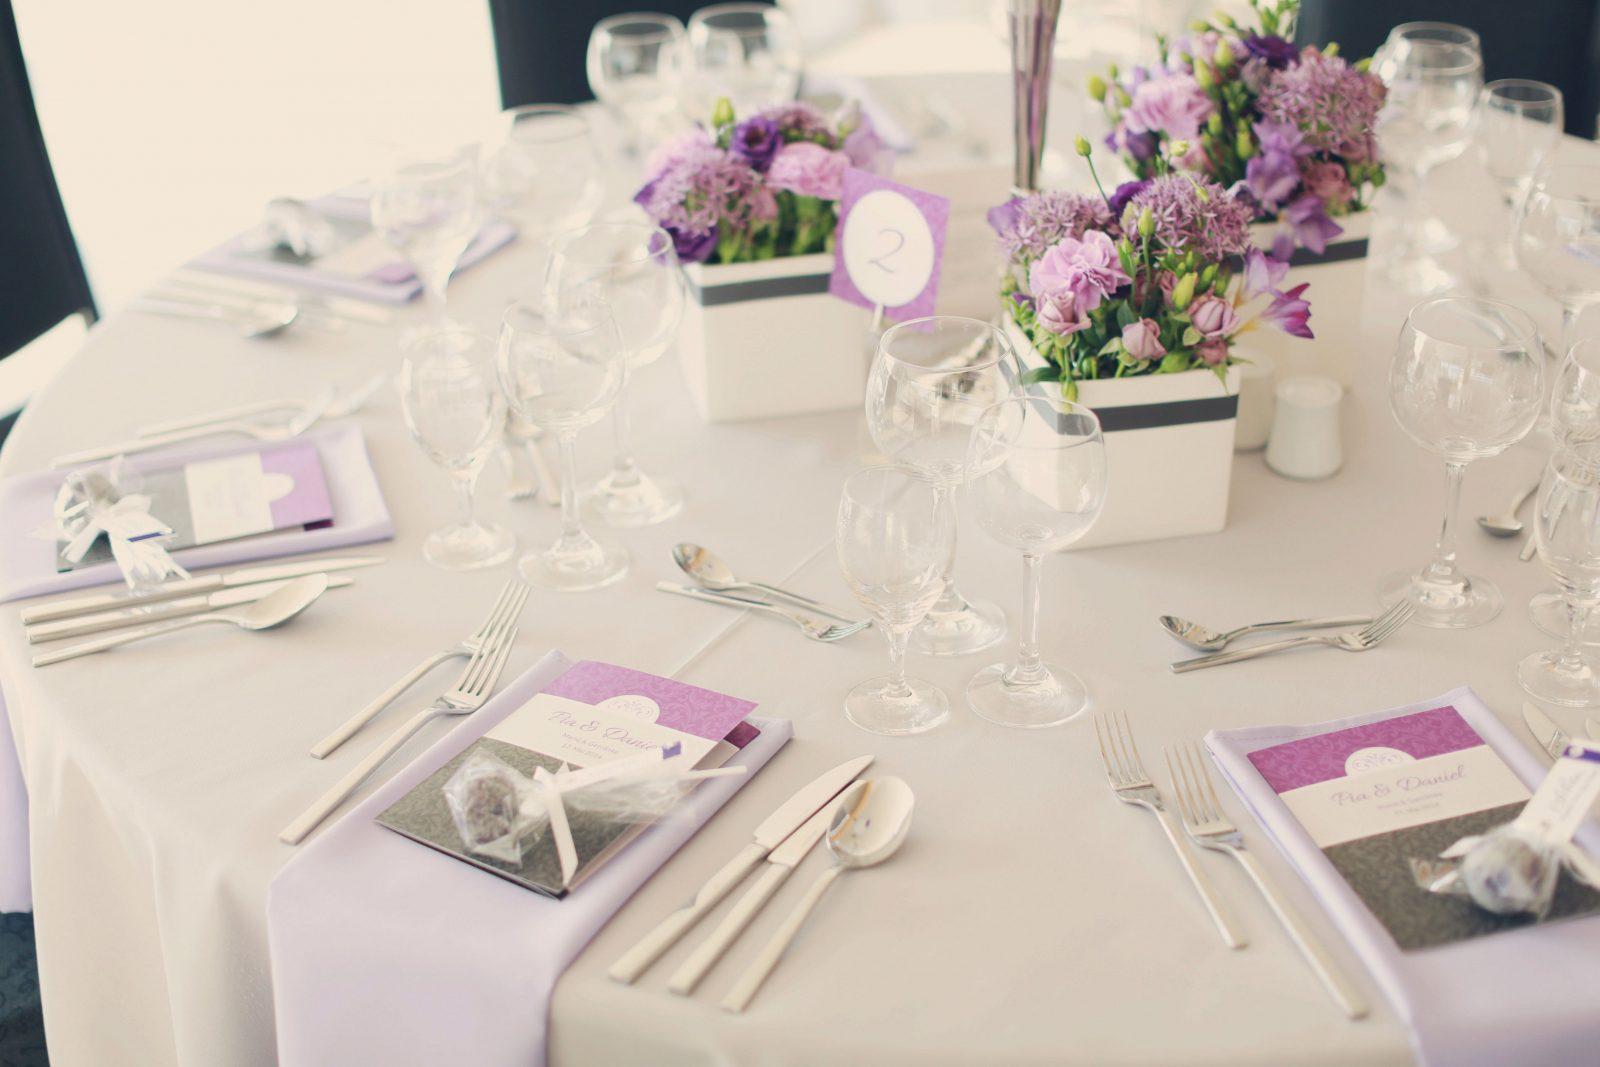 Tischdeko Hochzeit Flieder Weiß  Hochzeit Kleid  Glückwünsche Zur von Tischdeko Hochzeit Flieder Weiß Bild